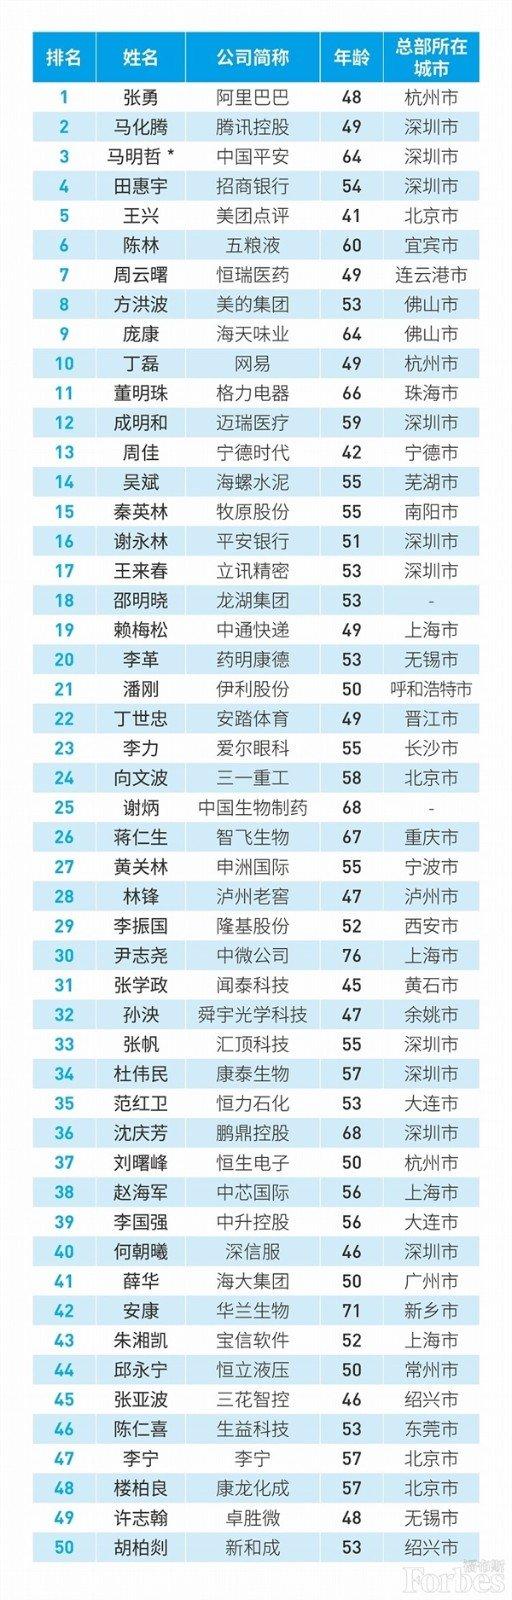 福布斯发布中国最佳CEO榜:阿里张勇第一